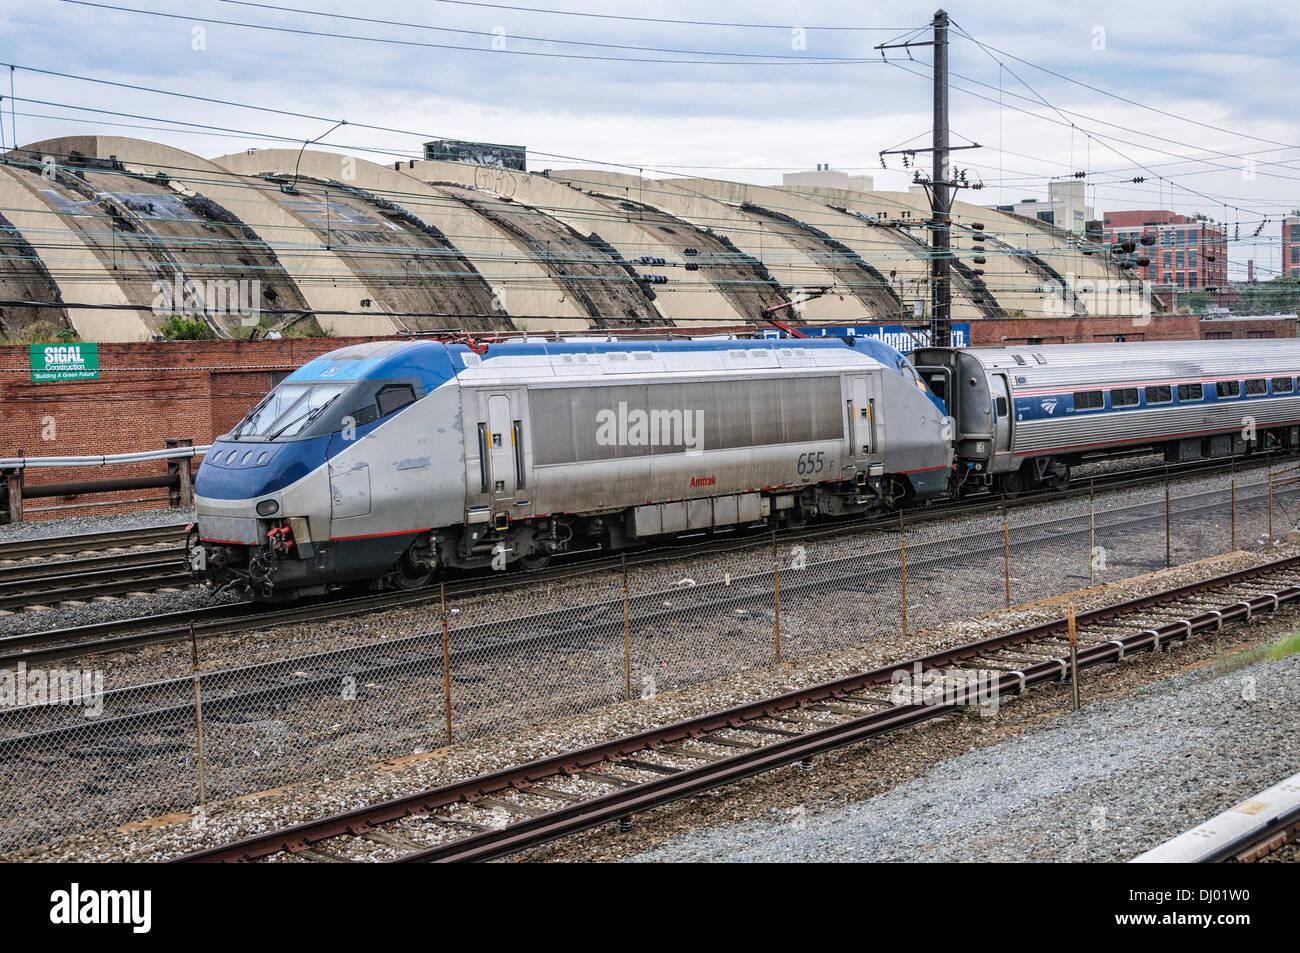 Amtrak HHP-8 Locomotive No 655 leaving Union Station, Washington, DC - Stock Image